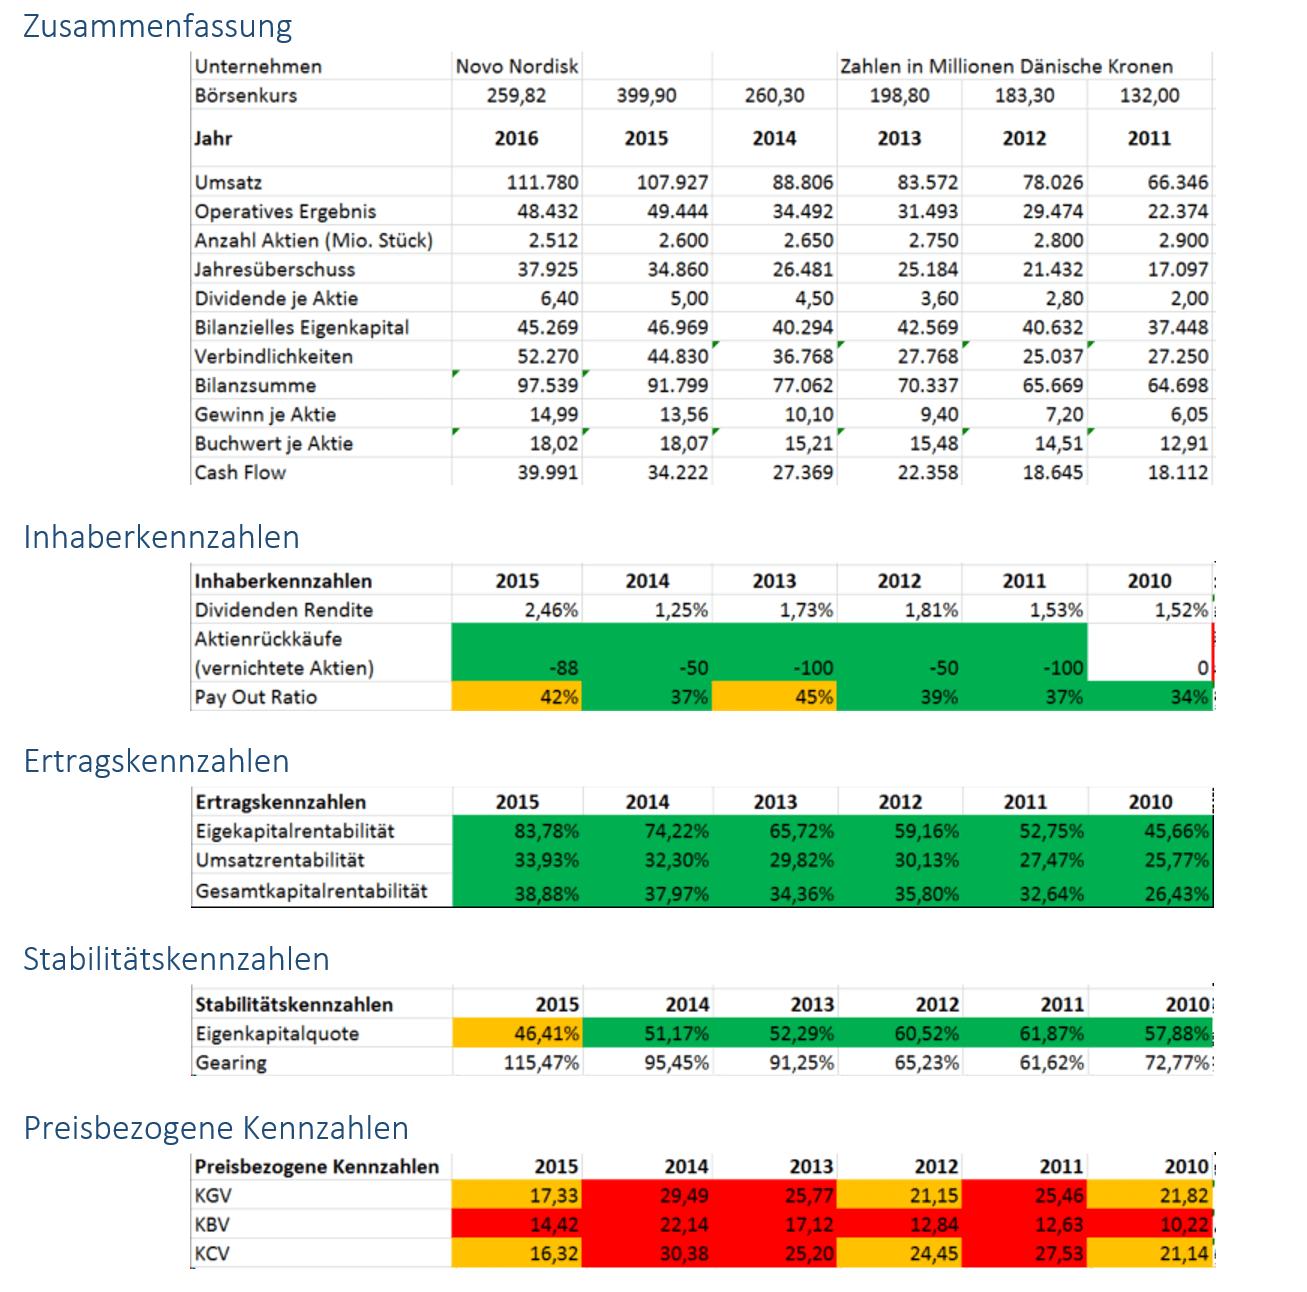 Unternehmensanalyse Novo Nordisk